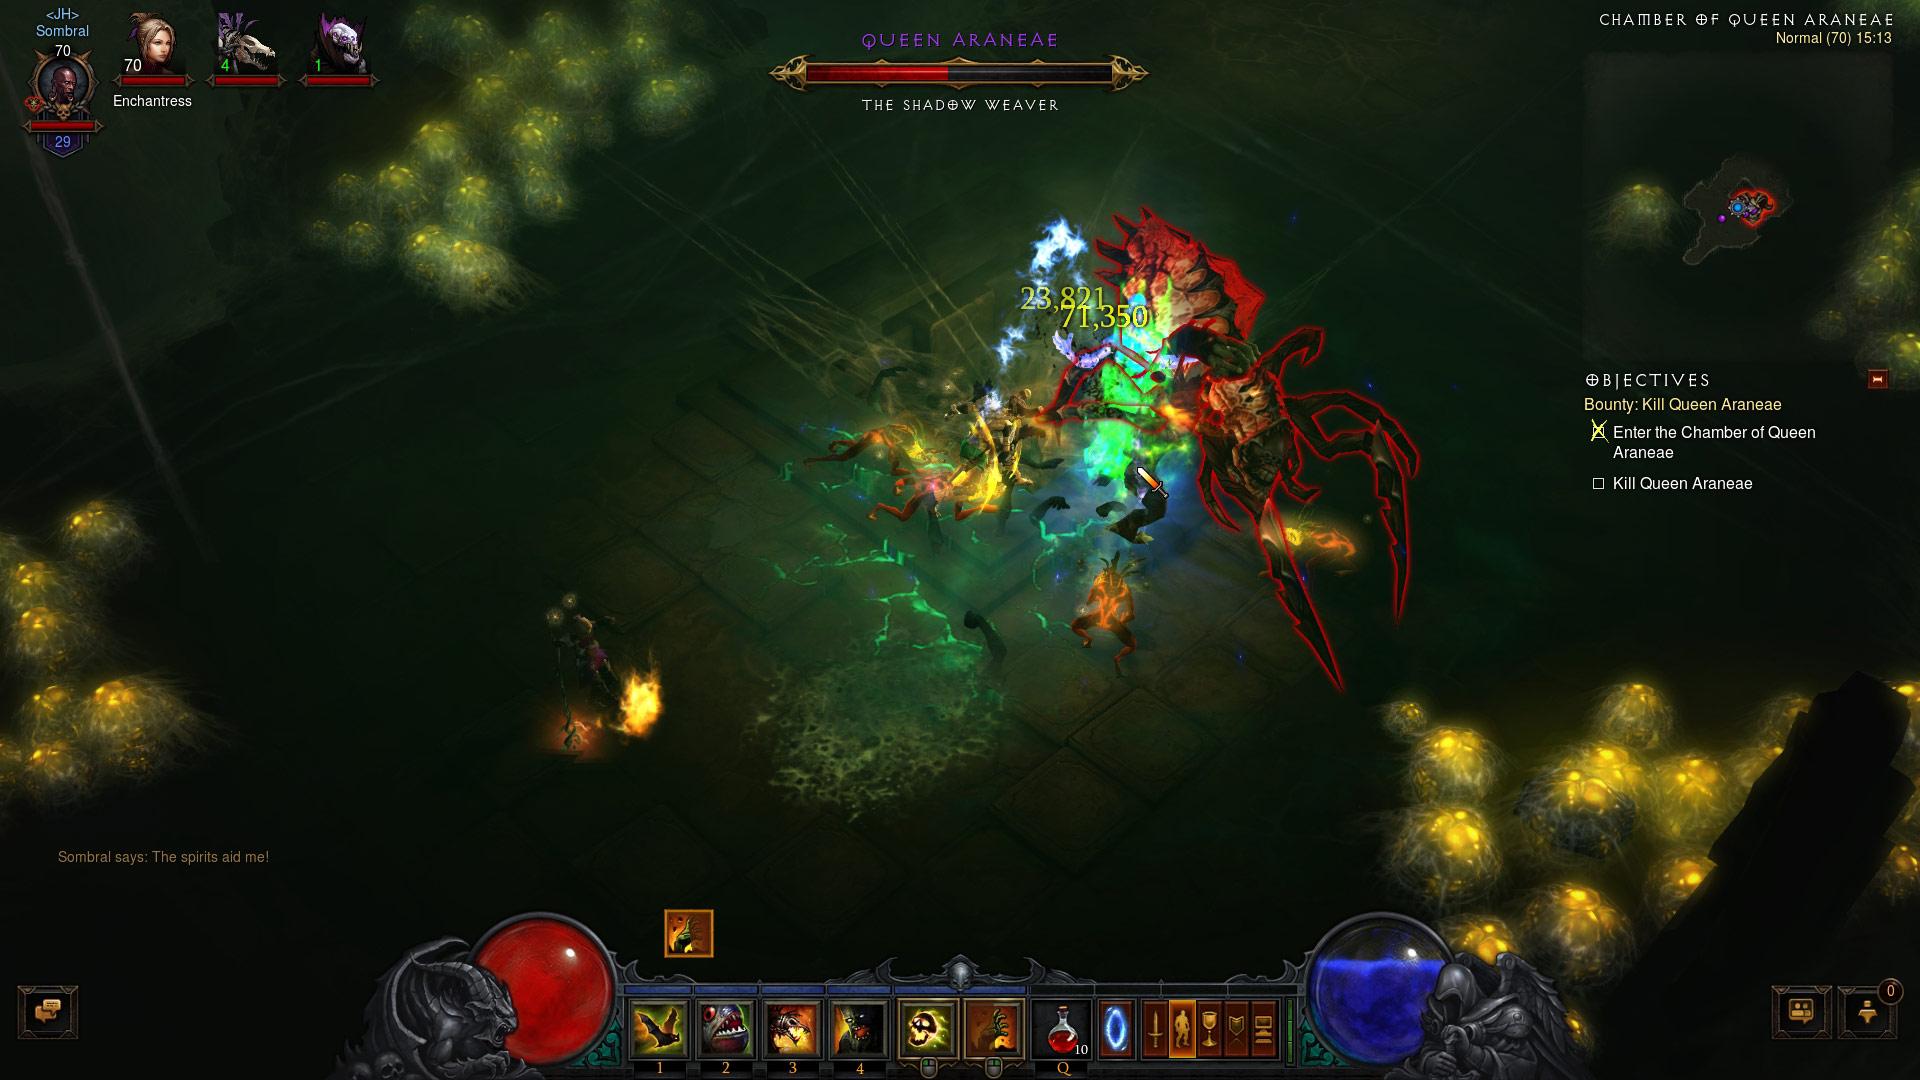 Screenshot de Diablo III: Reaper of Souls.